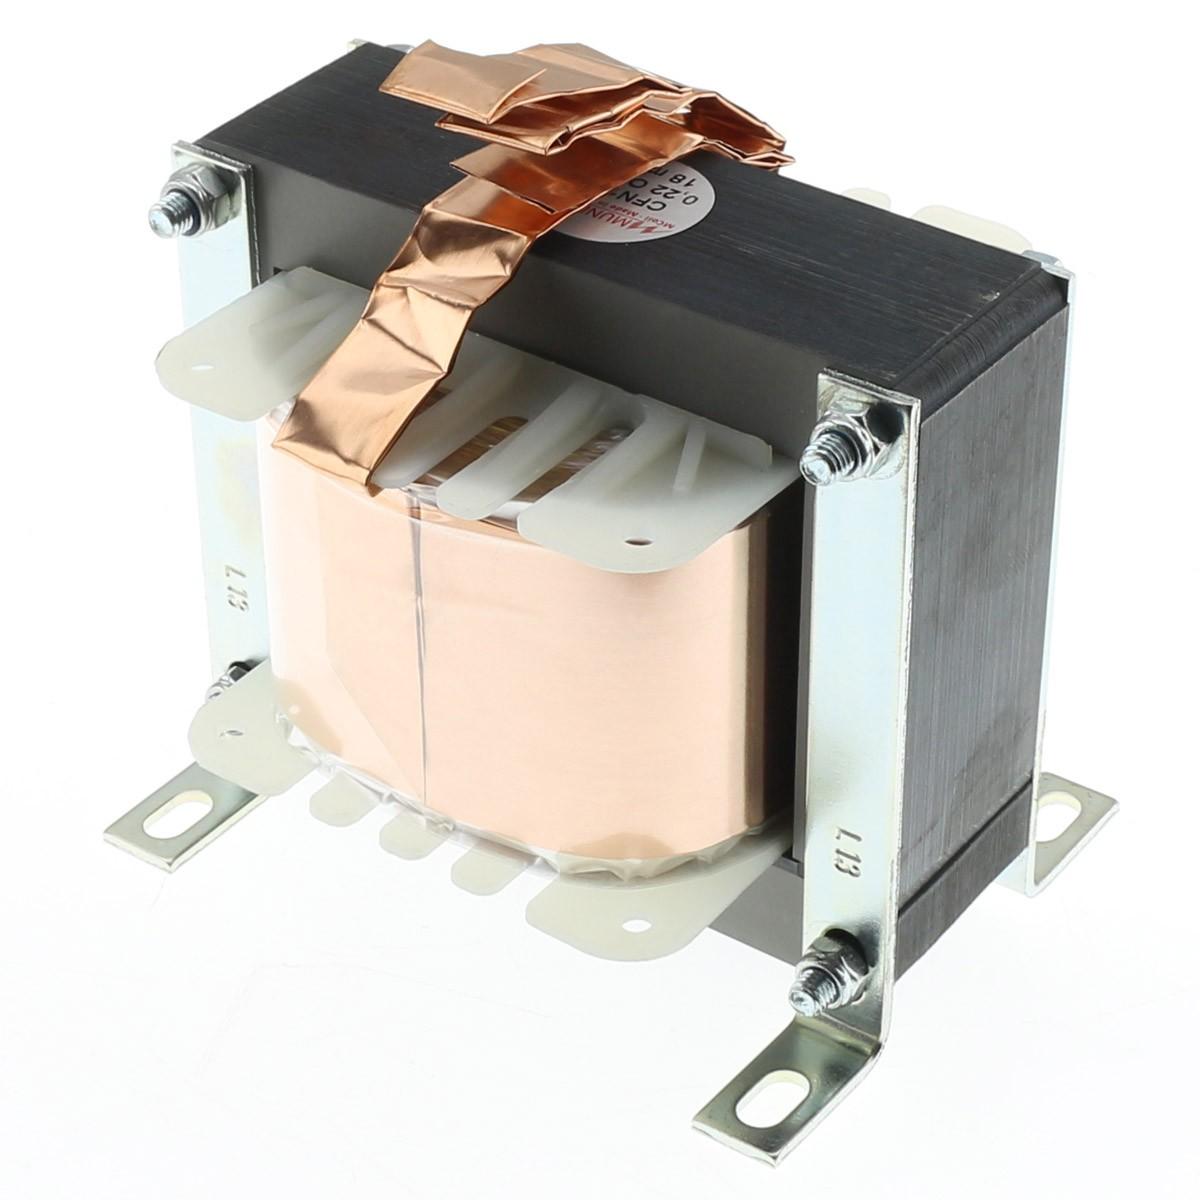 MUNDORF CFN14 Copper Foil Ferron Core Coil Zero-Ohm 3mH